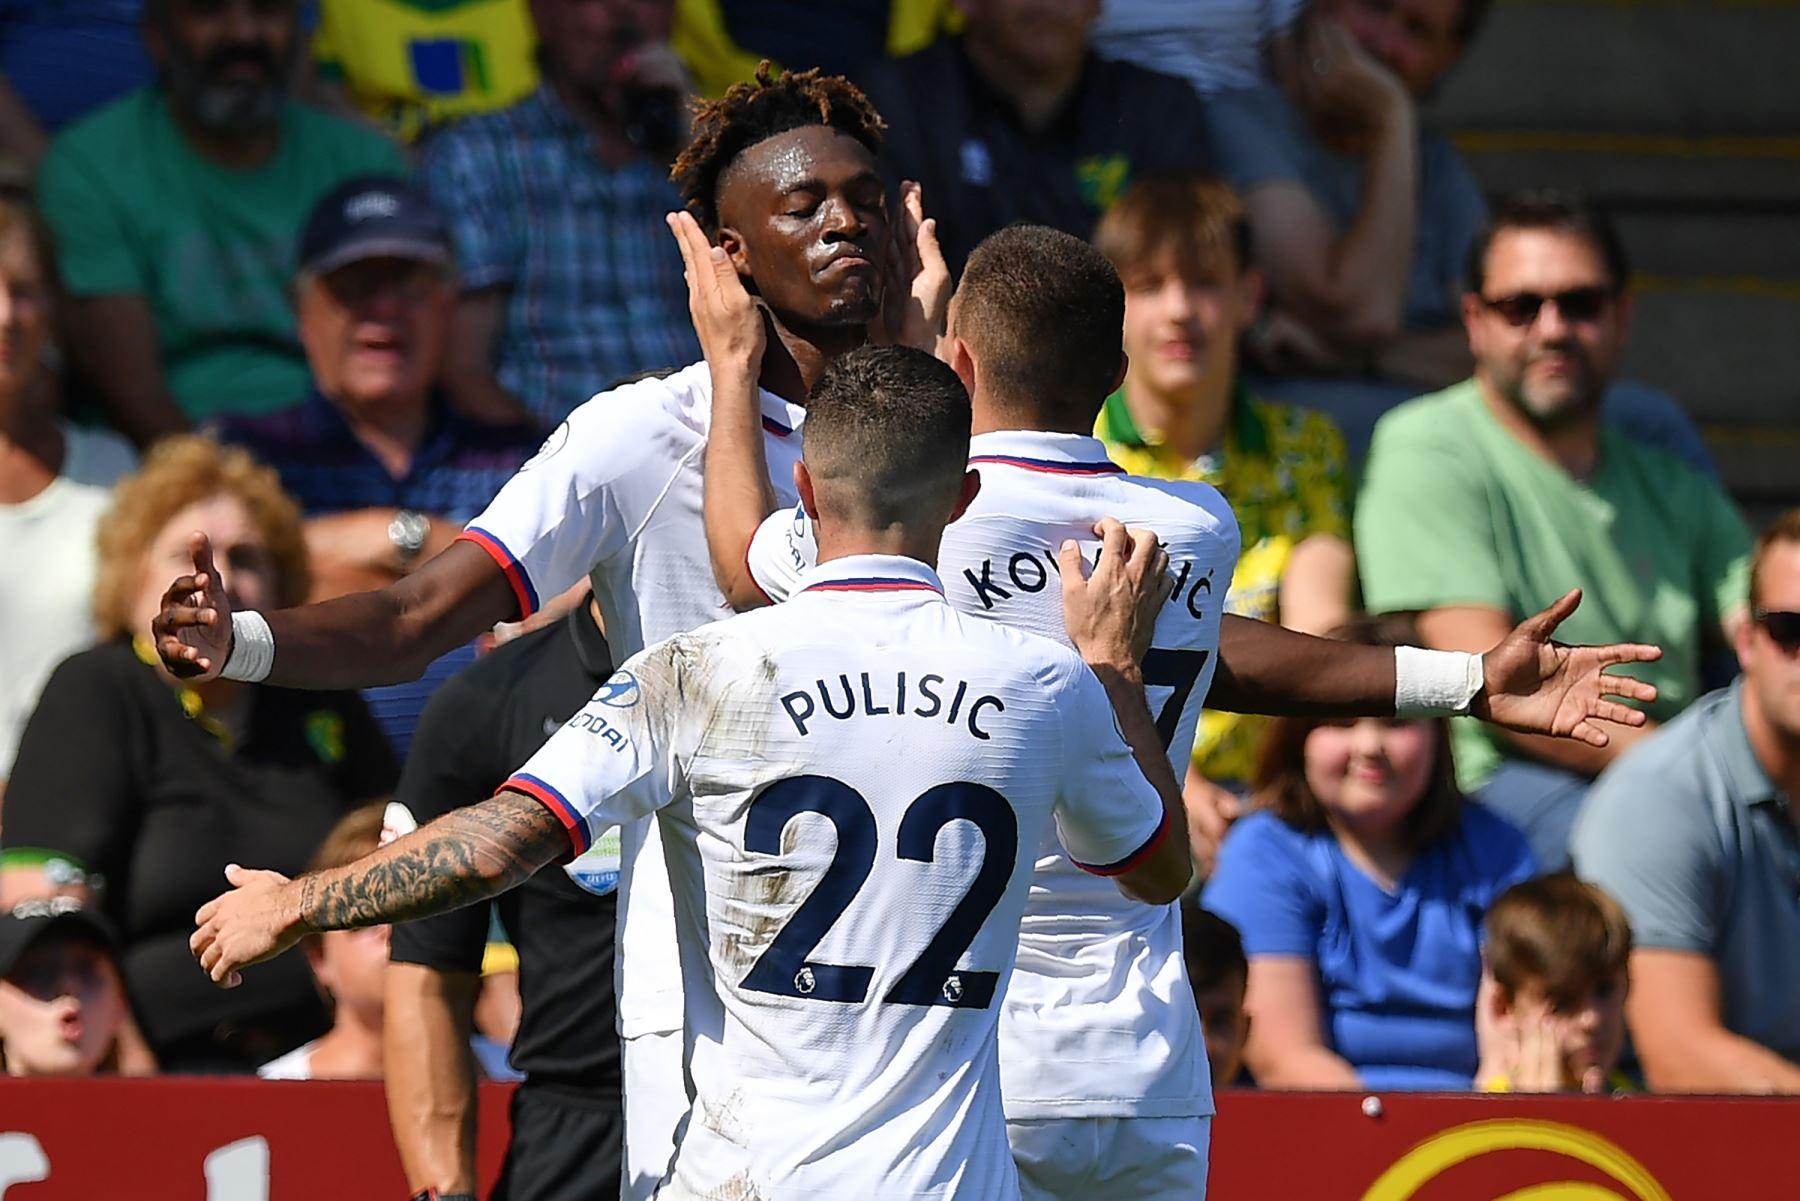 El delantero inglés del Chelsea, Tammy Abraham (C), celebra con sus compañeros de equipo después de marcar su segundo gol, el tercero del Chelsea durante el partido de fútbol de la Premier League inglesa entre Norwich City y Chelsea. Foto: AFP